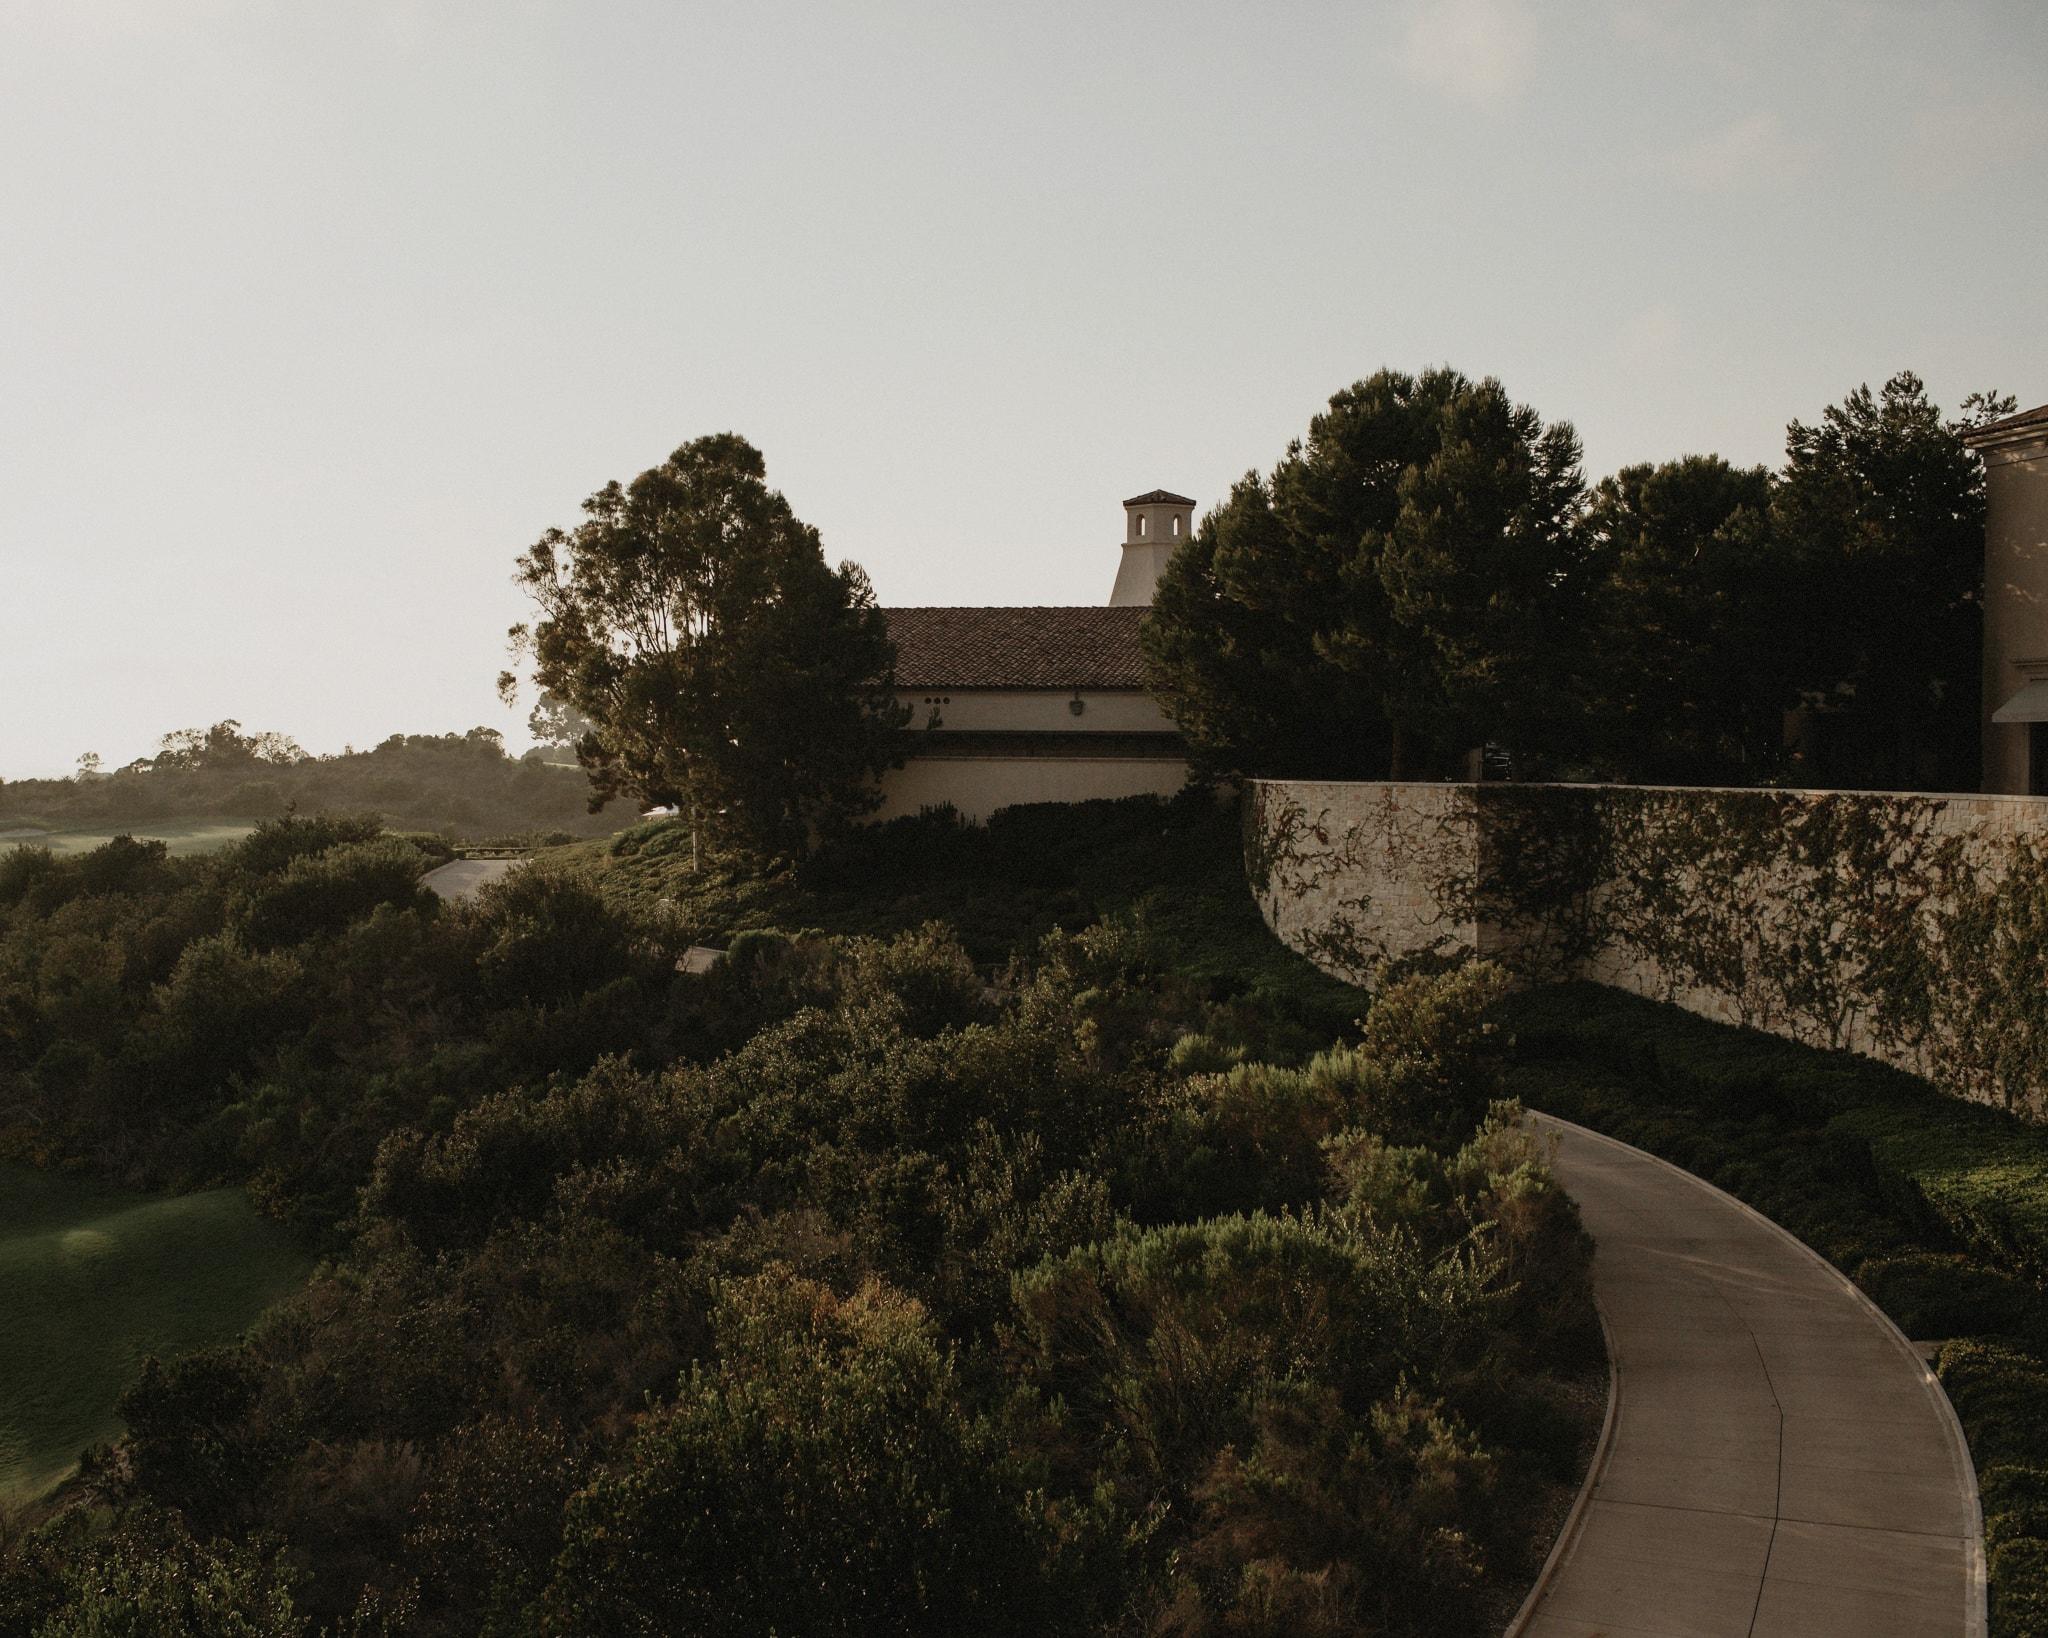 059-the-resort-at-pelican-hill-reception.jpg